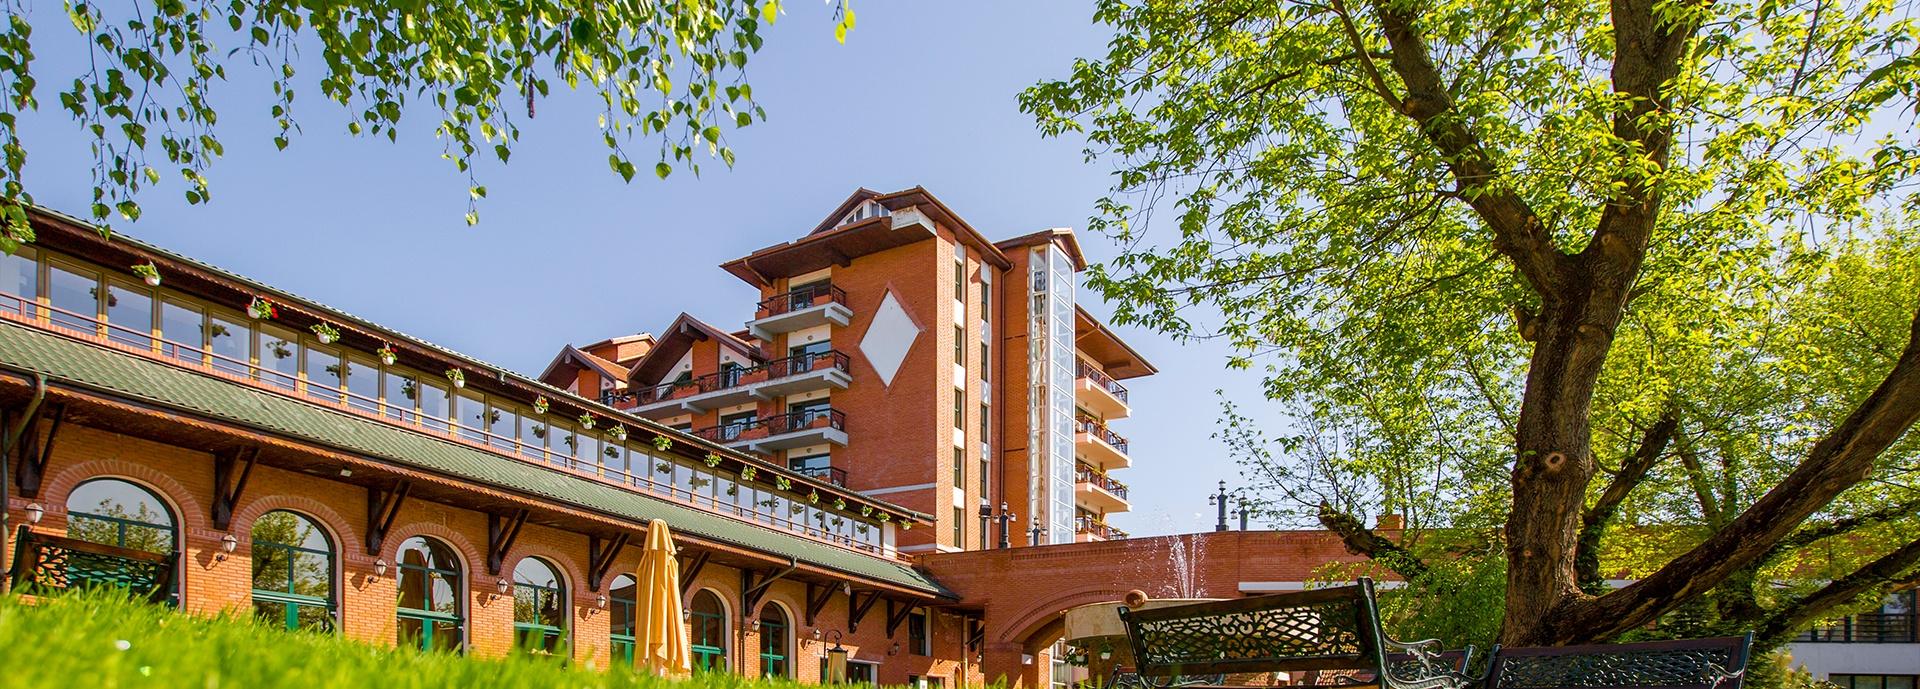 Articole - Hotel Caro